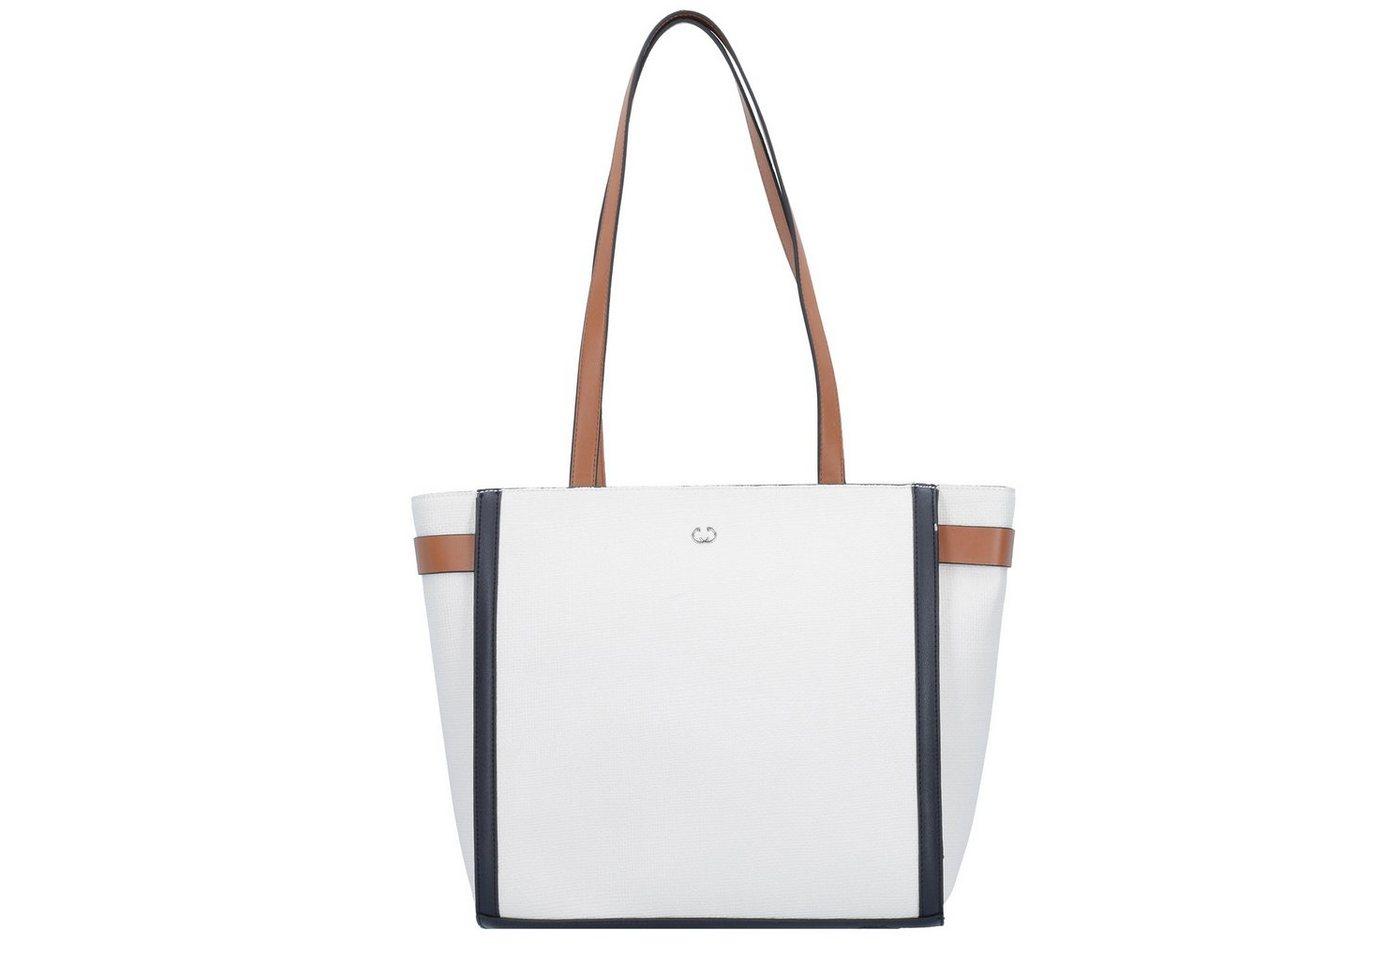 Gerry Weber Aquatic Shopper Tasche 30 cm | Taschen > Umhängetaschen | Weiß | Gerry Weber